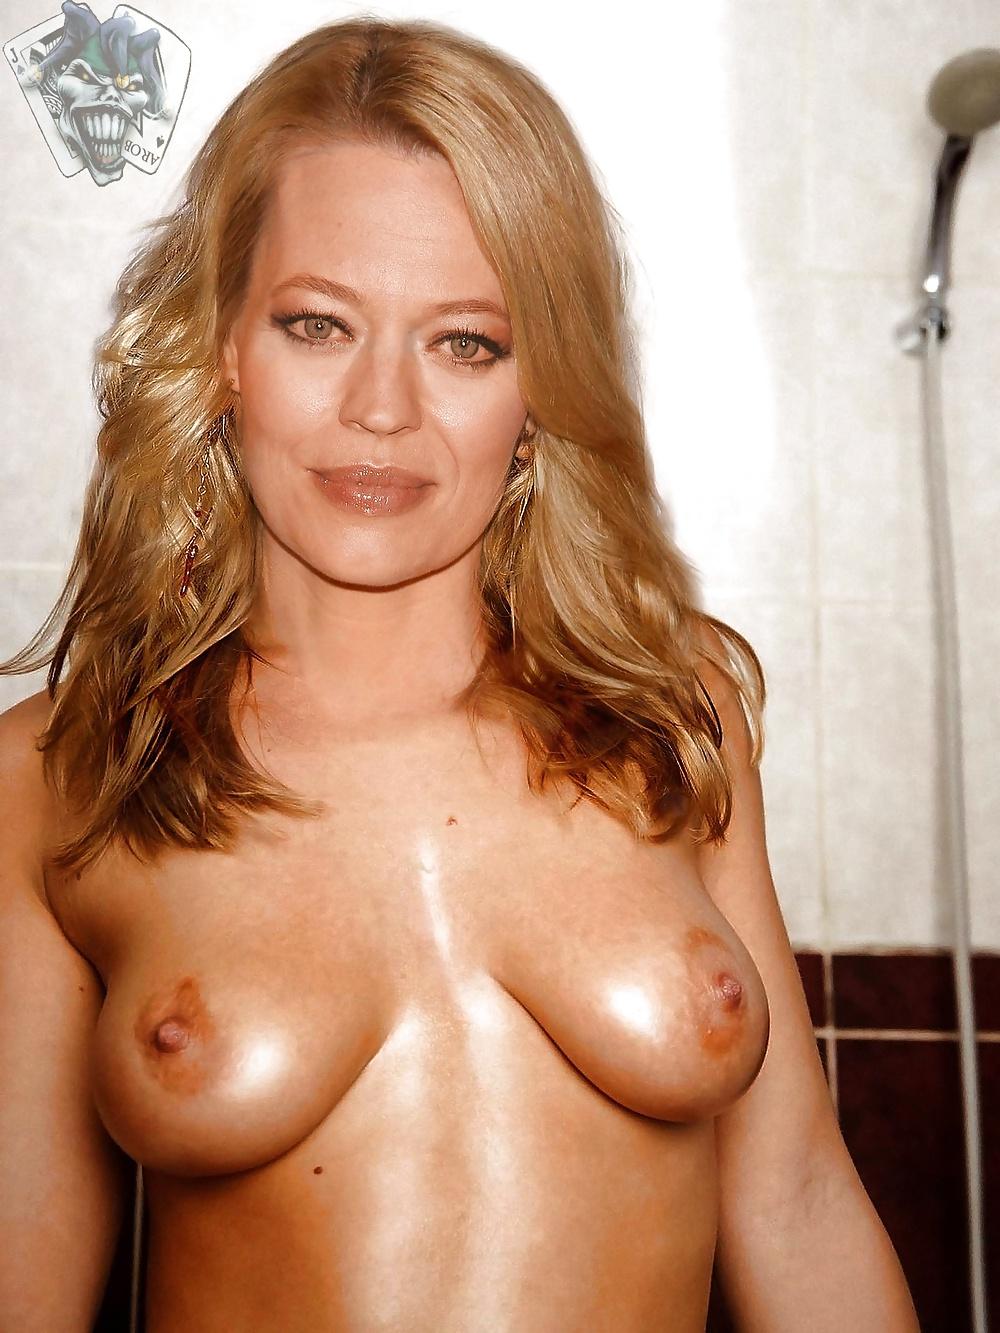 Jeri ryan fake boobs